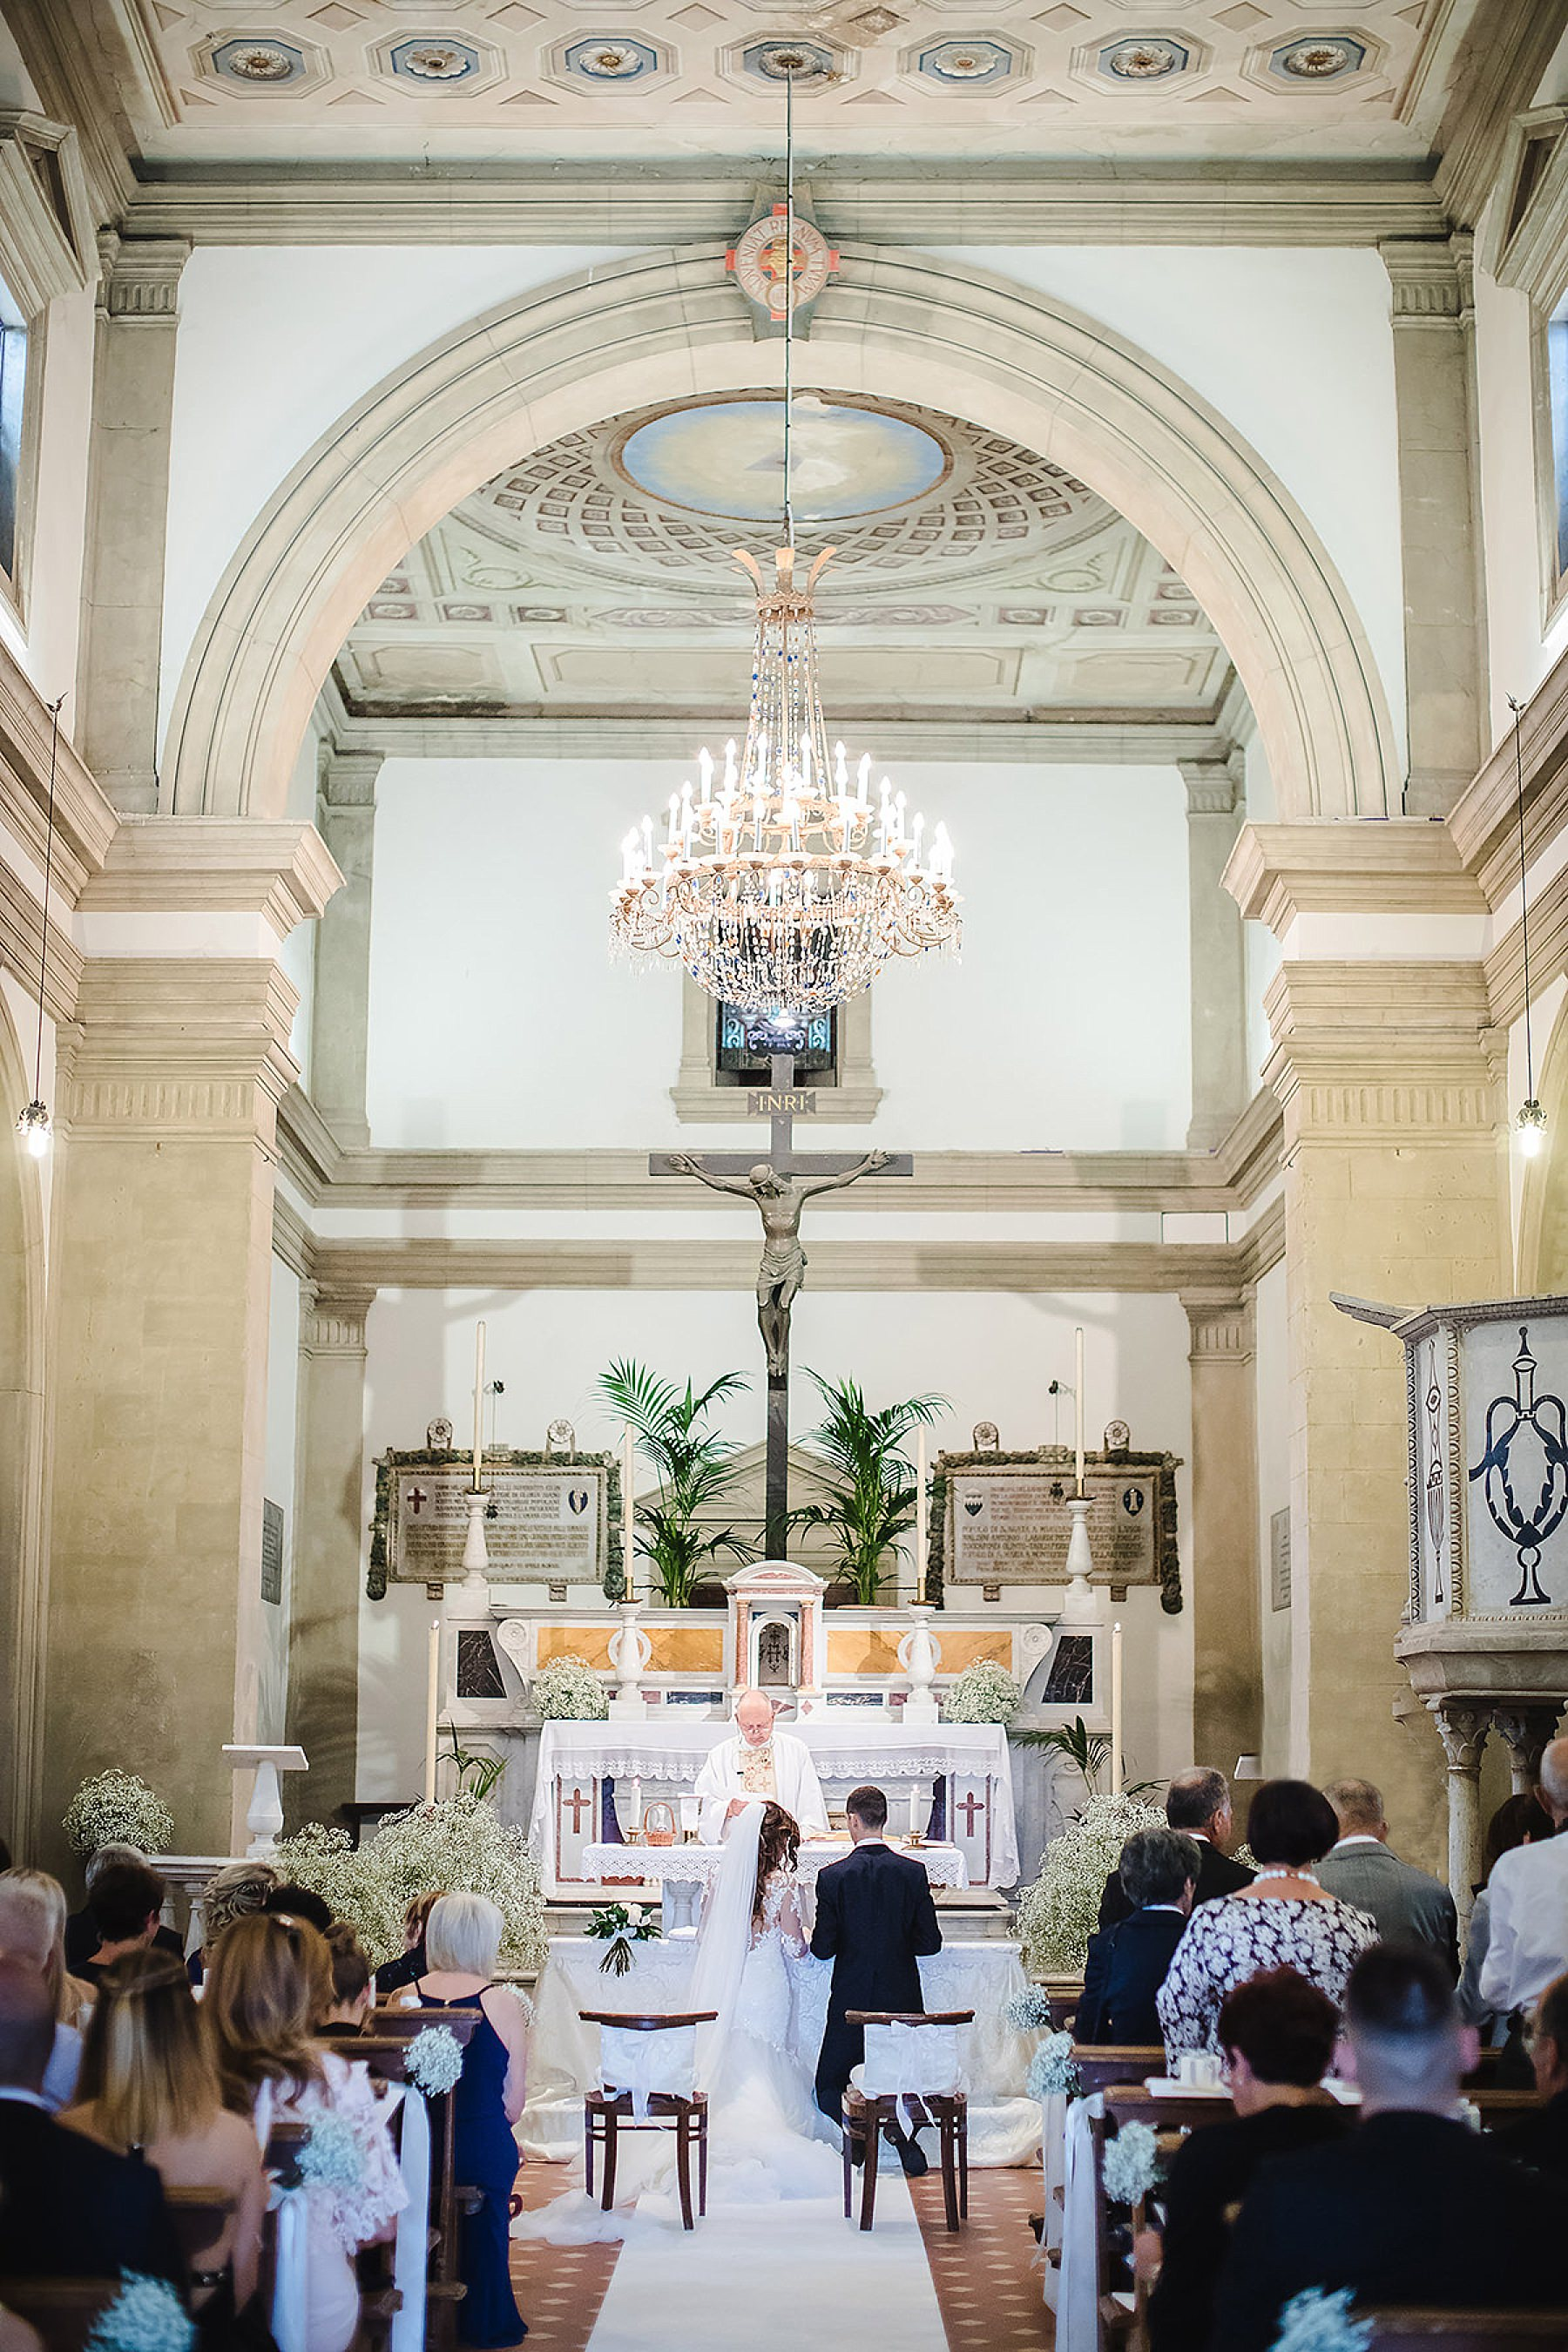 interno della chiesa di San Giovanni maggiore nel Mugello